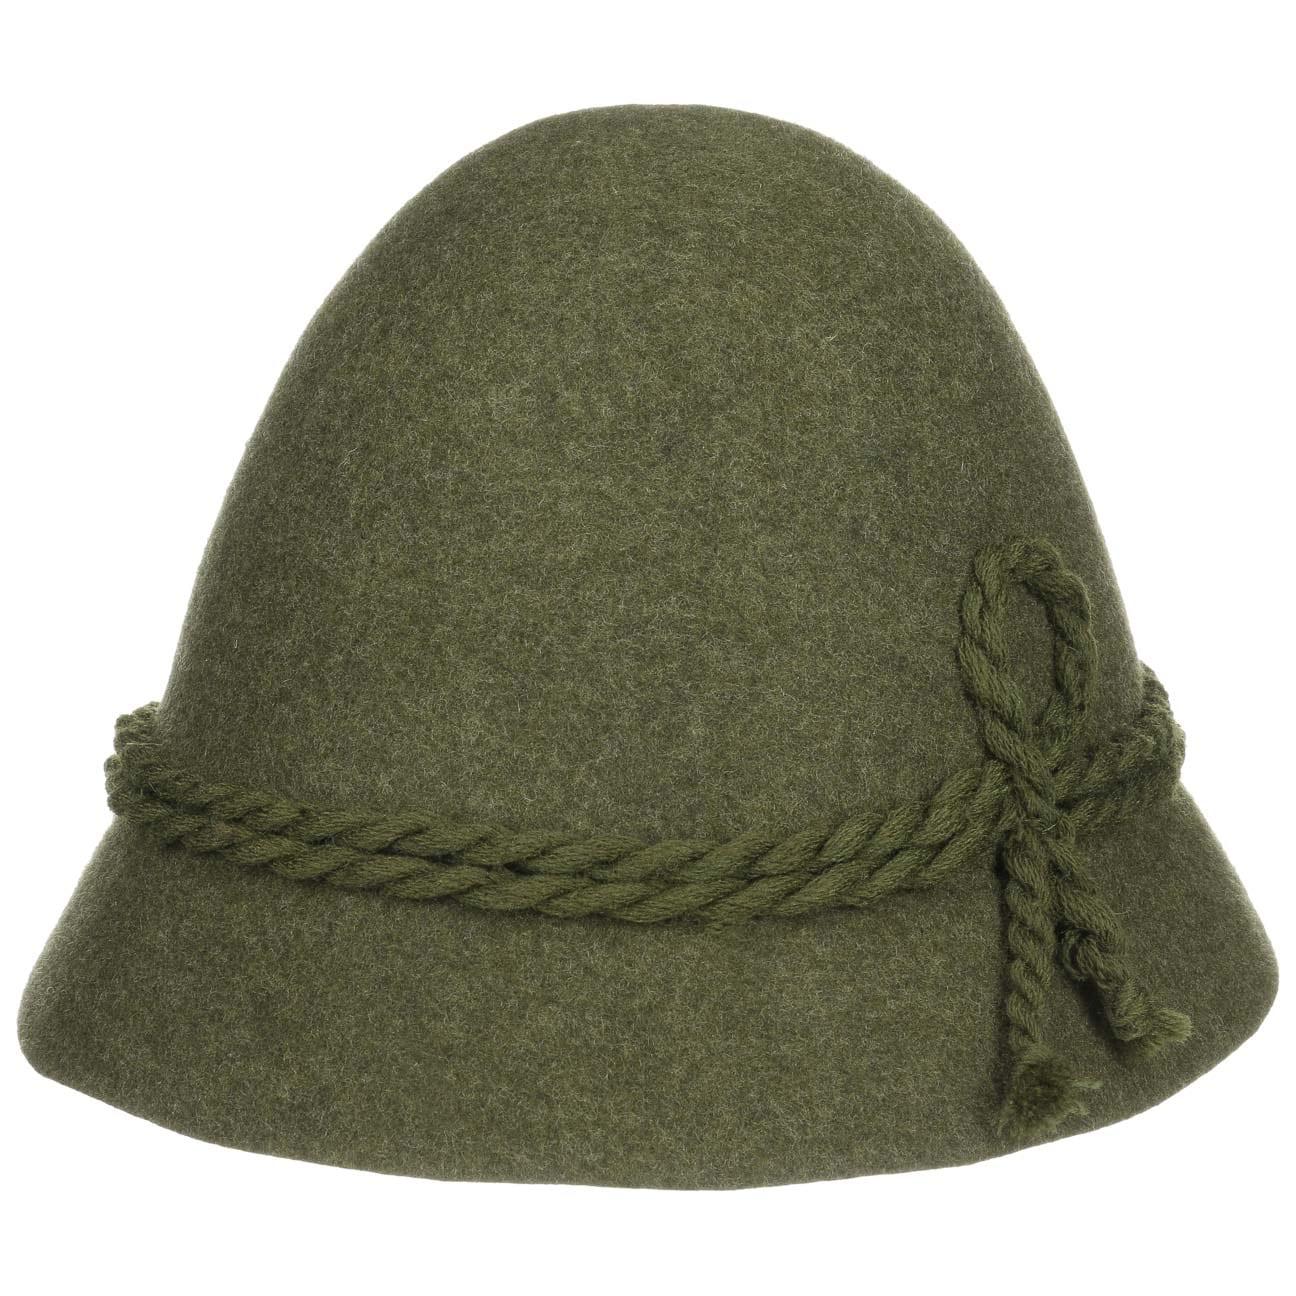 Chapeau Schinderhannes by Lodenhut Manufaktur  chapeau randonneur